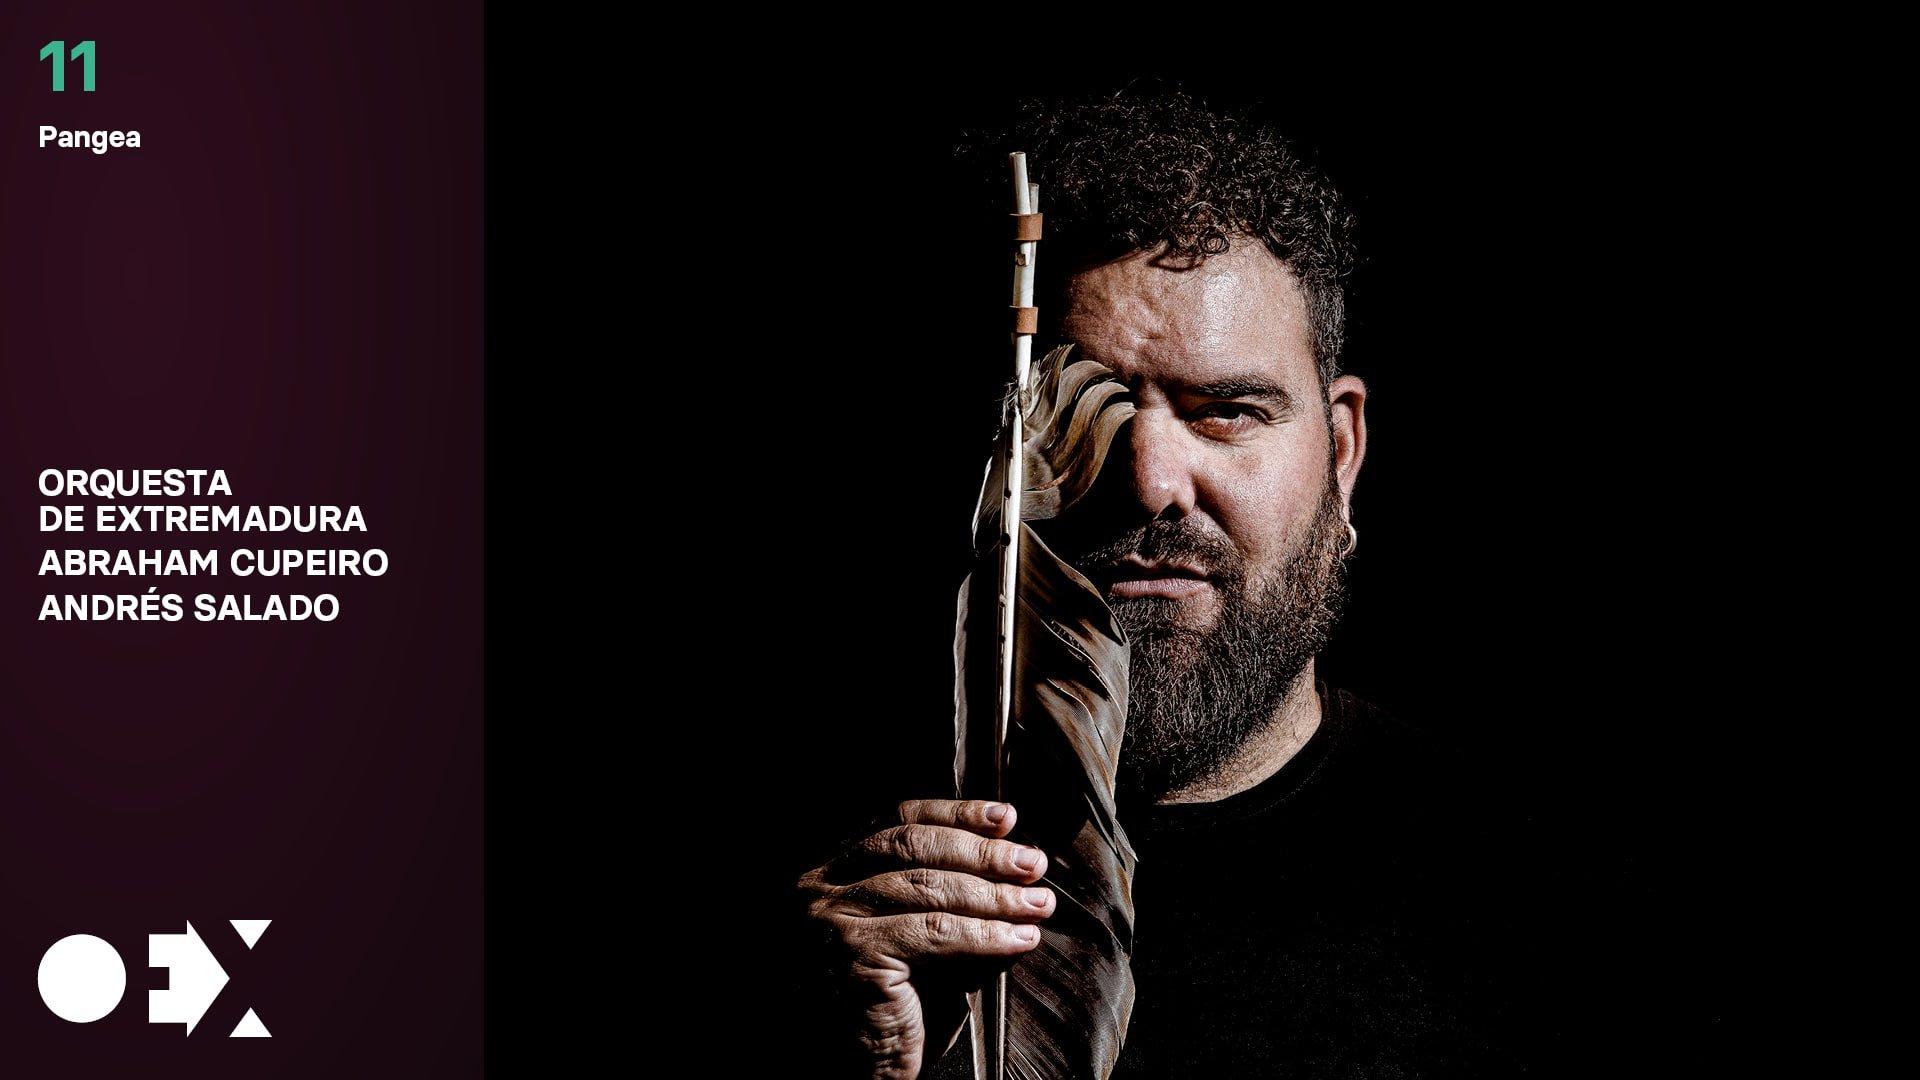 Pangea, de Abraham Cupeiro, con la Orquesta de Extremadura